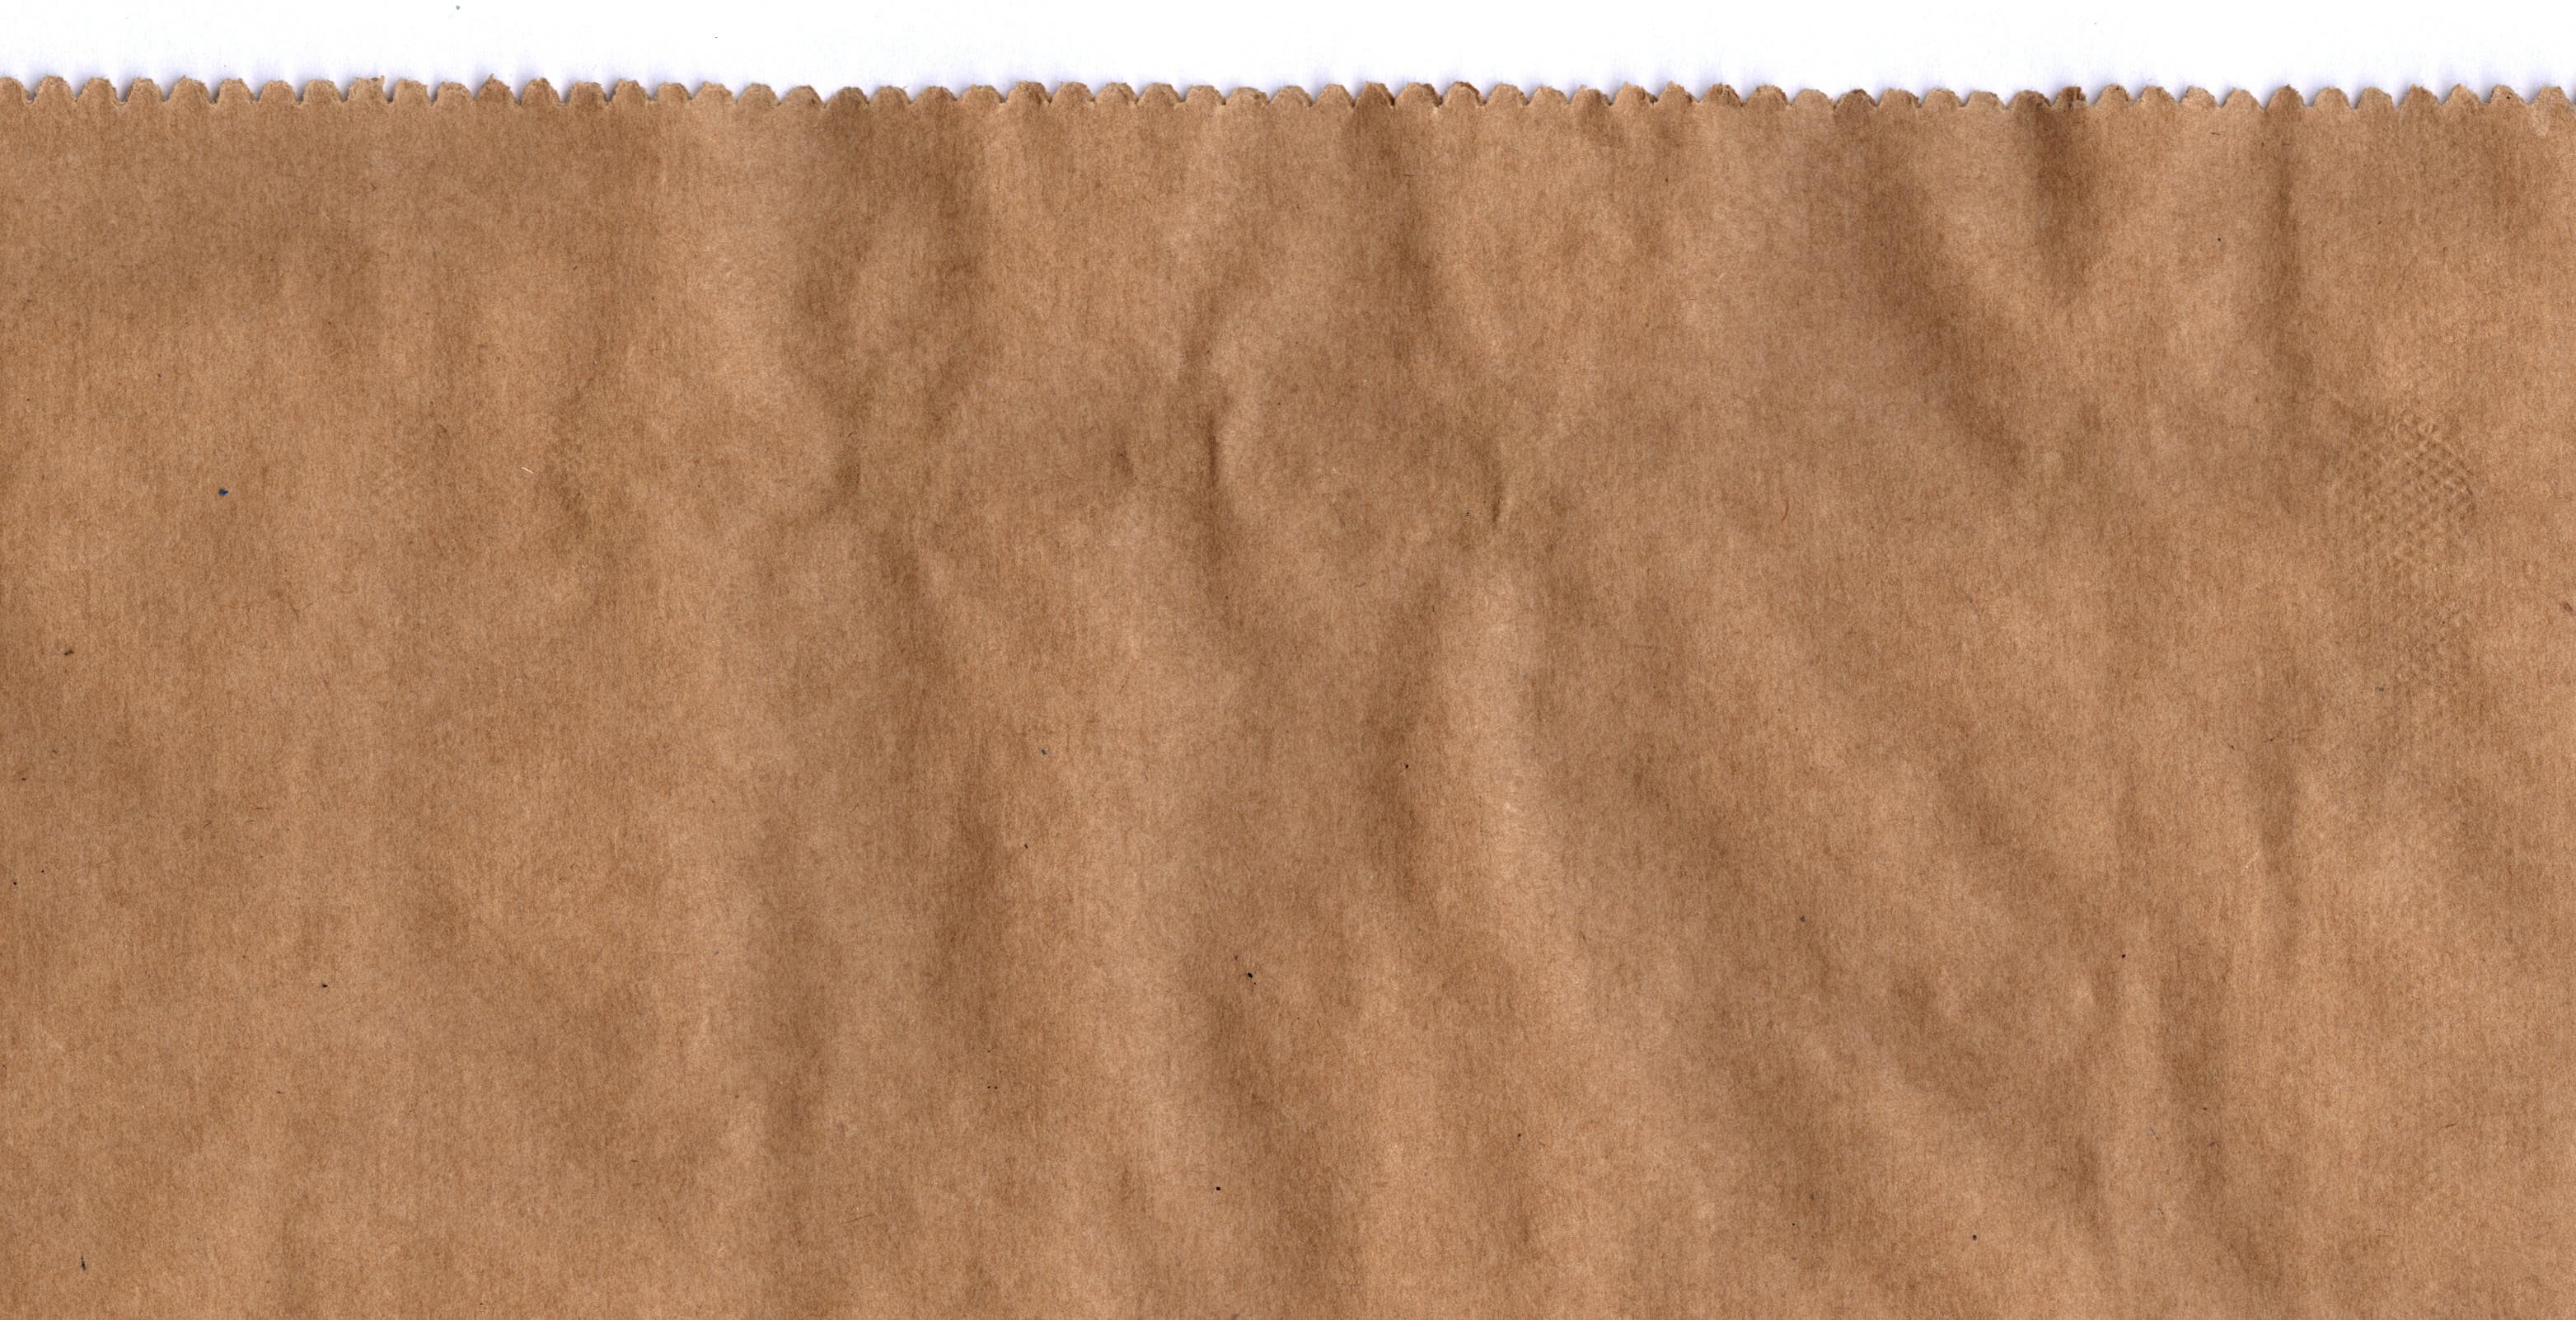 brown paper bags as wallpaper  31  images